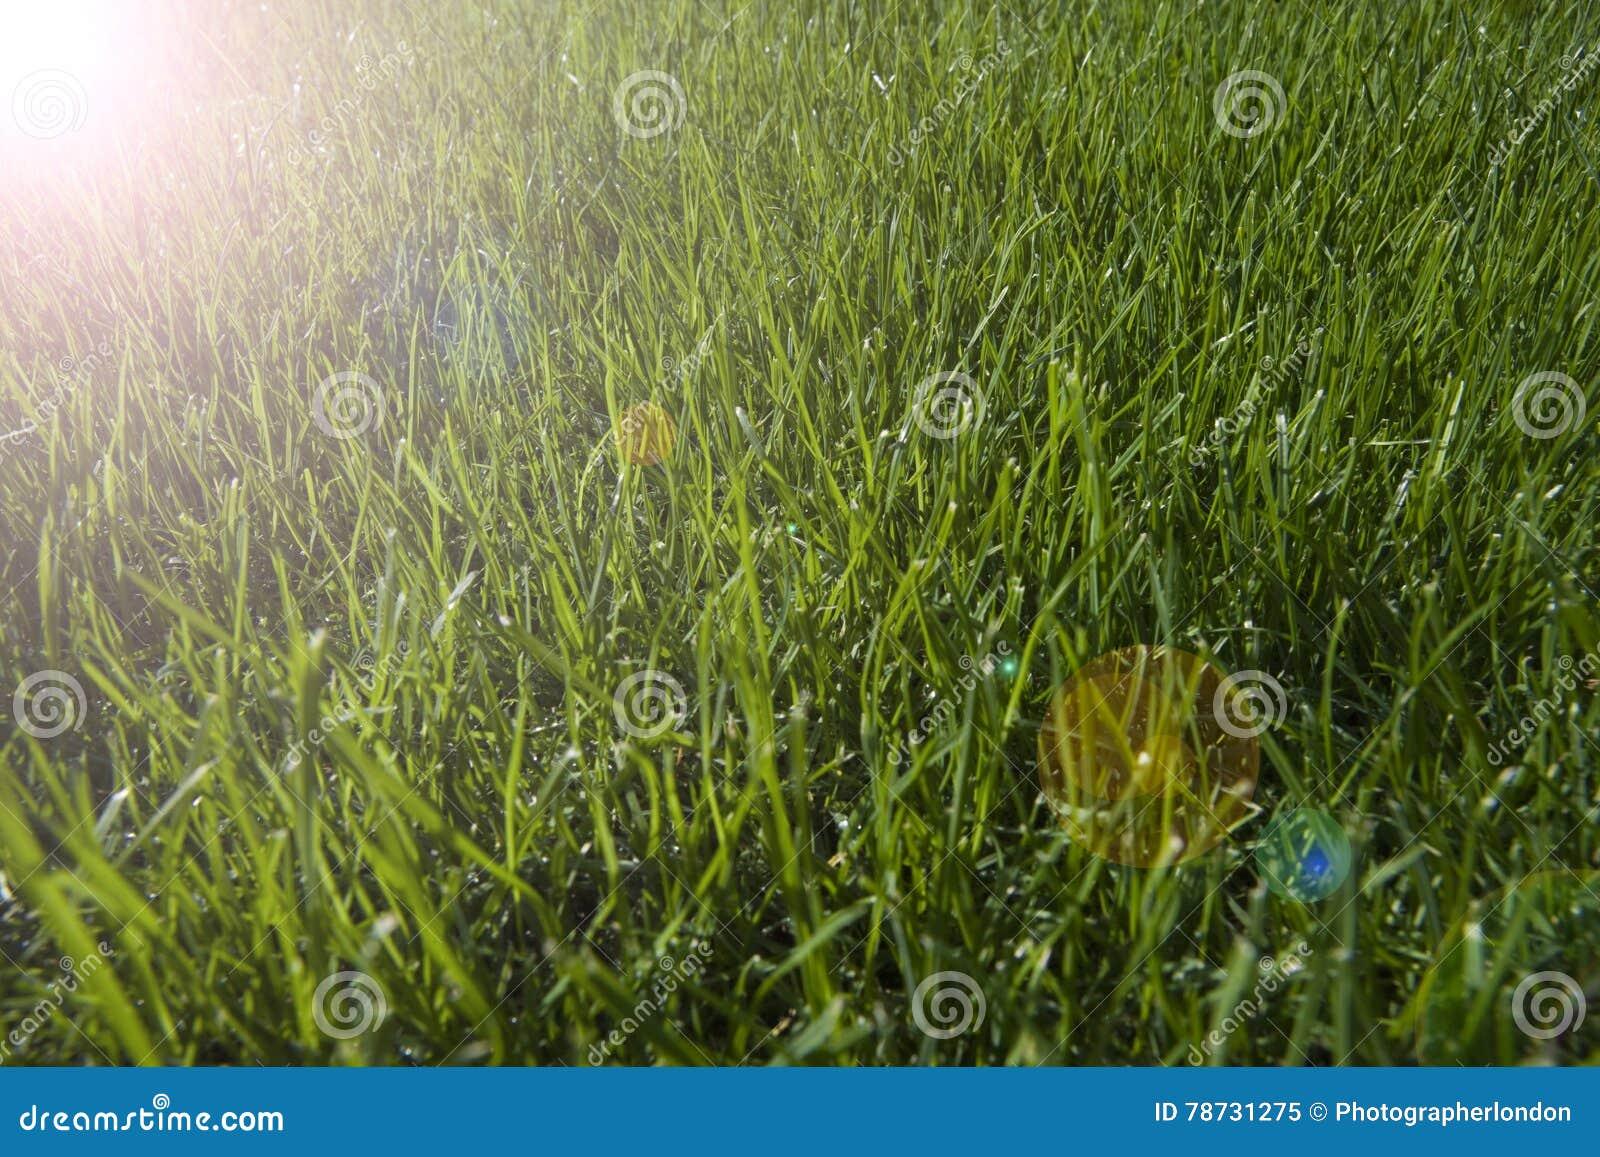 Tät dagg tappar upp nytt gräs